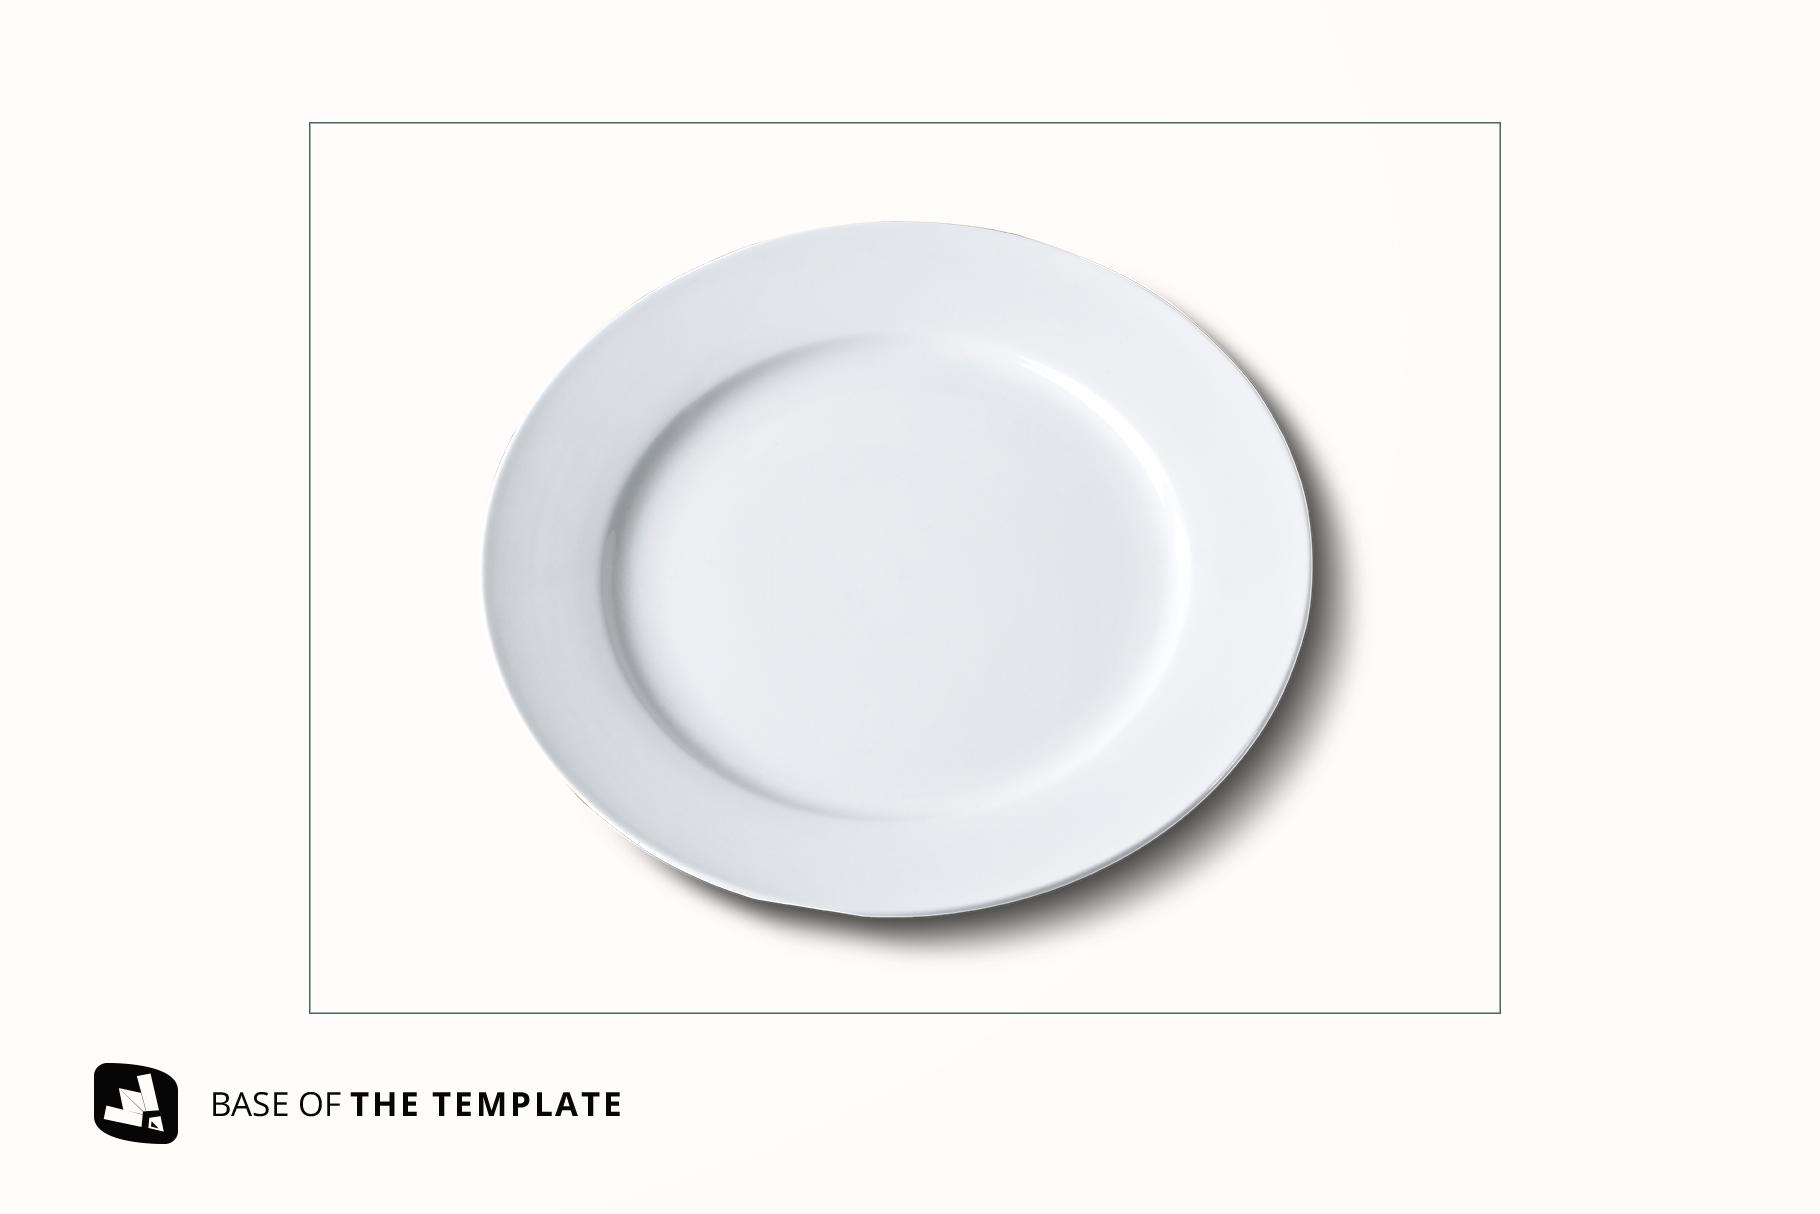 base image of the porcelain dinner plate mockup